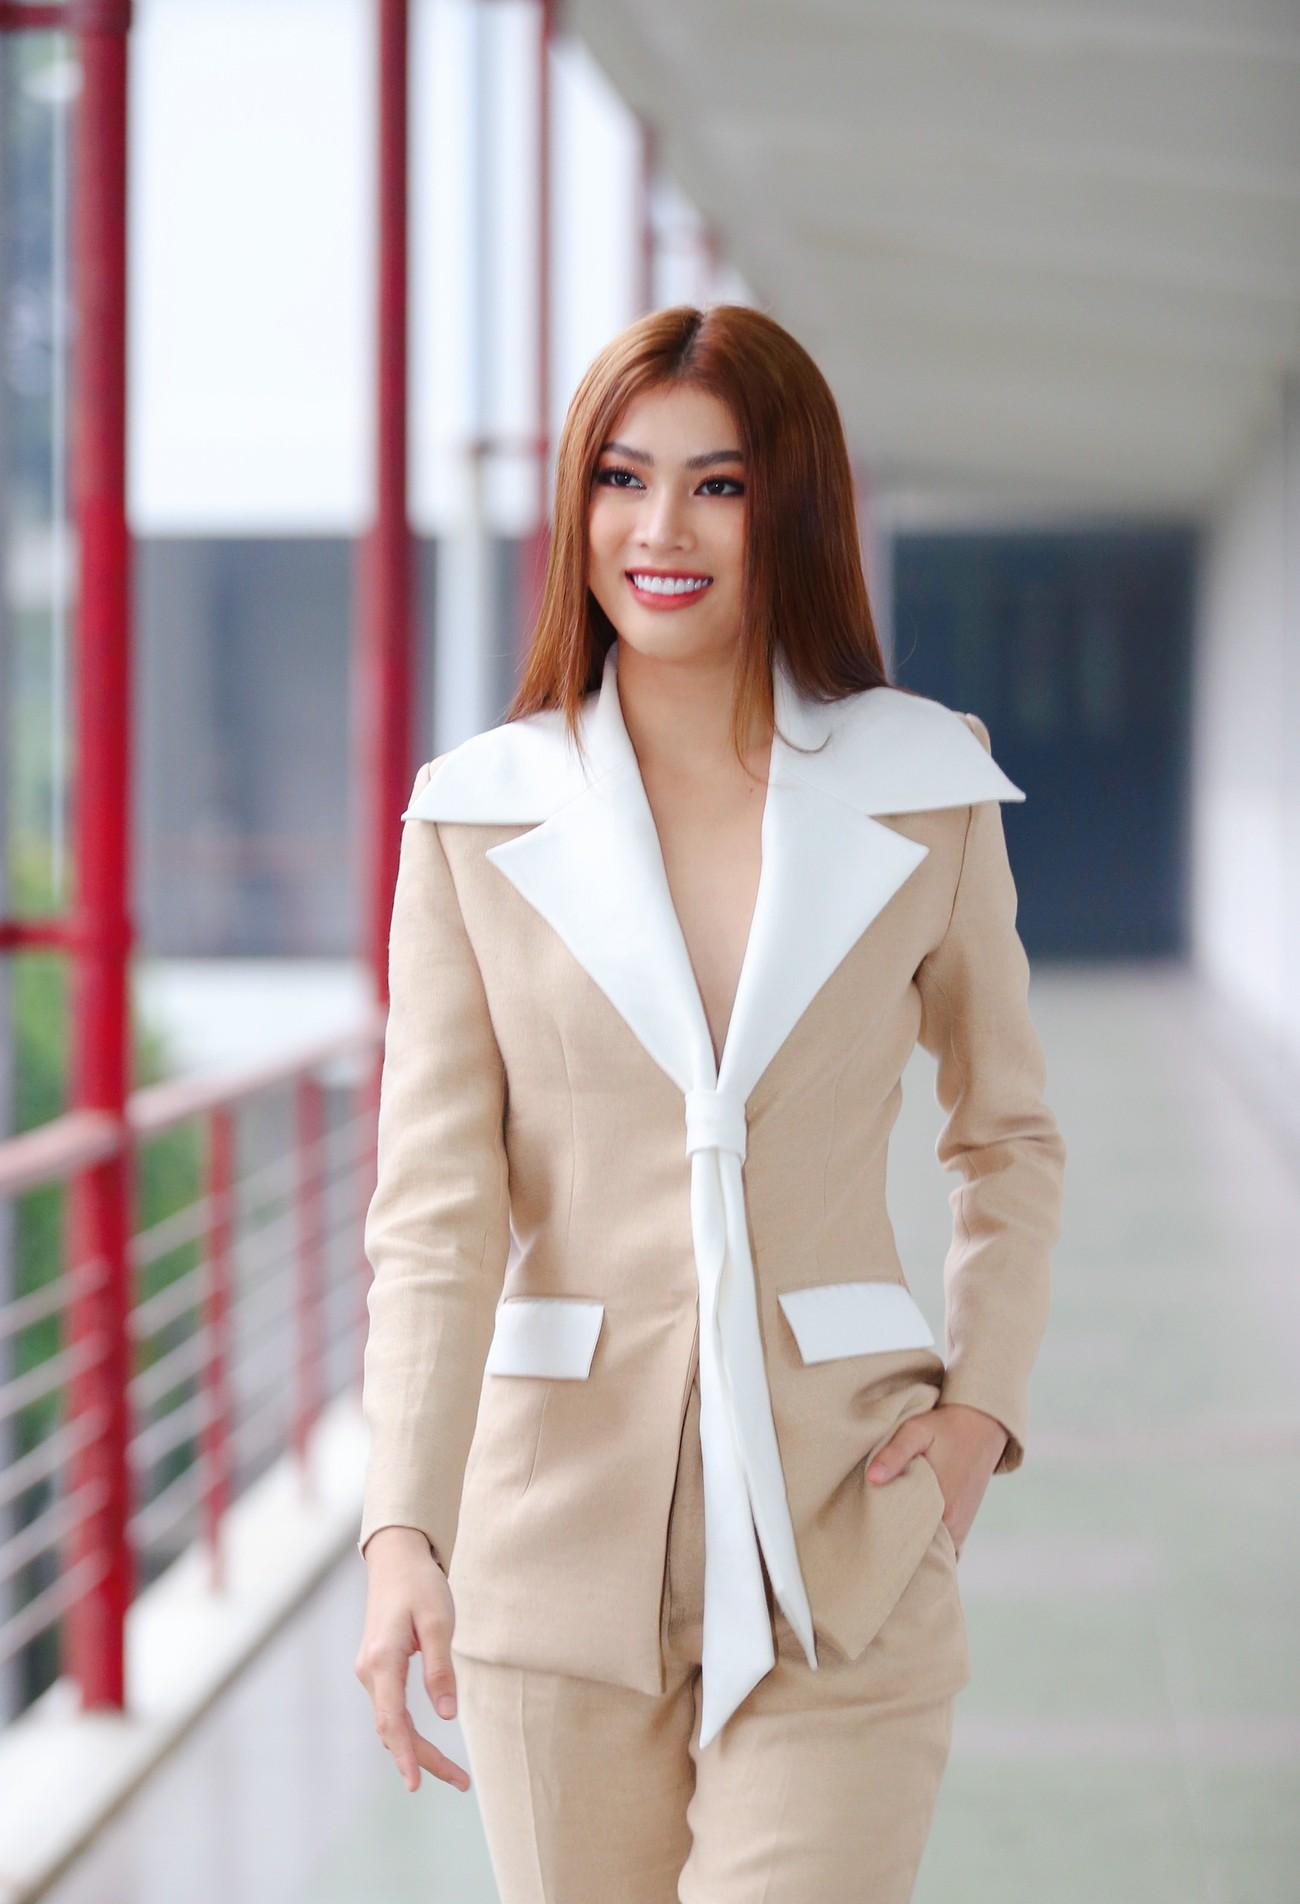 Hoa hậu Đỗ Thị Hà và Á hậu Phương Anh, Ngọc Thảo giản dị vẫn cực xinh đẹp ảnh 10